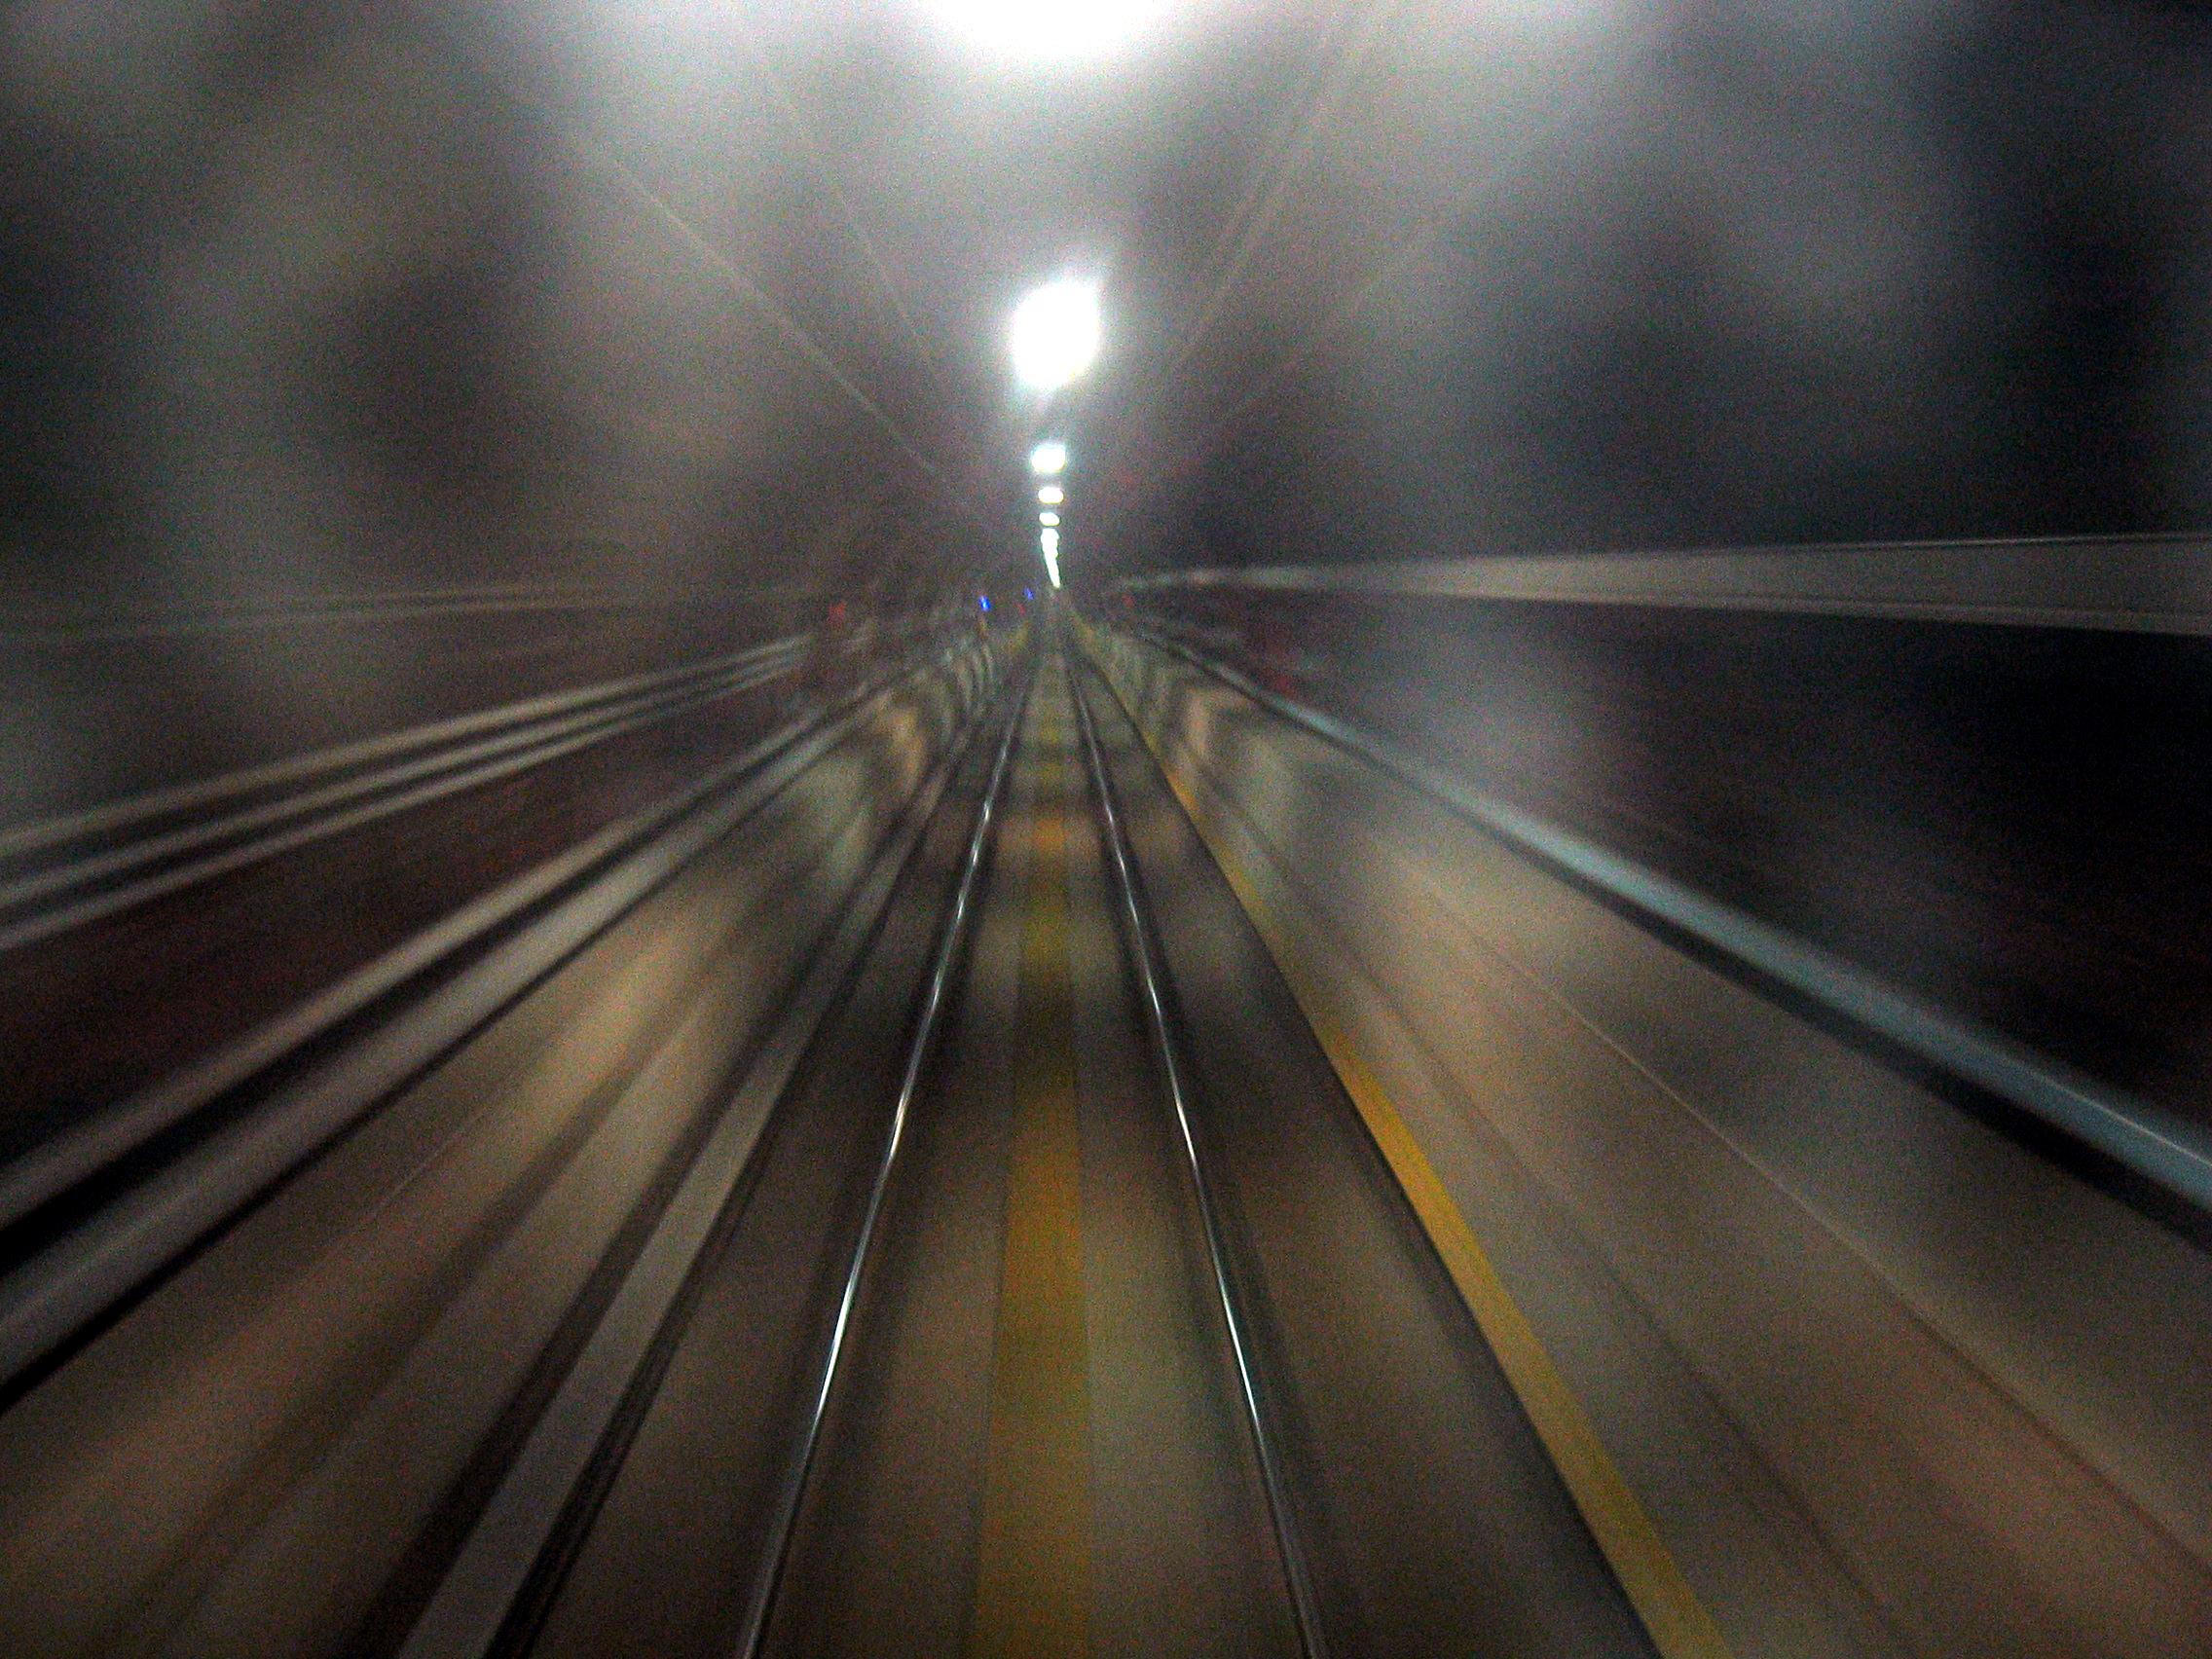 path-train-1548254-1.jpg